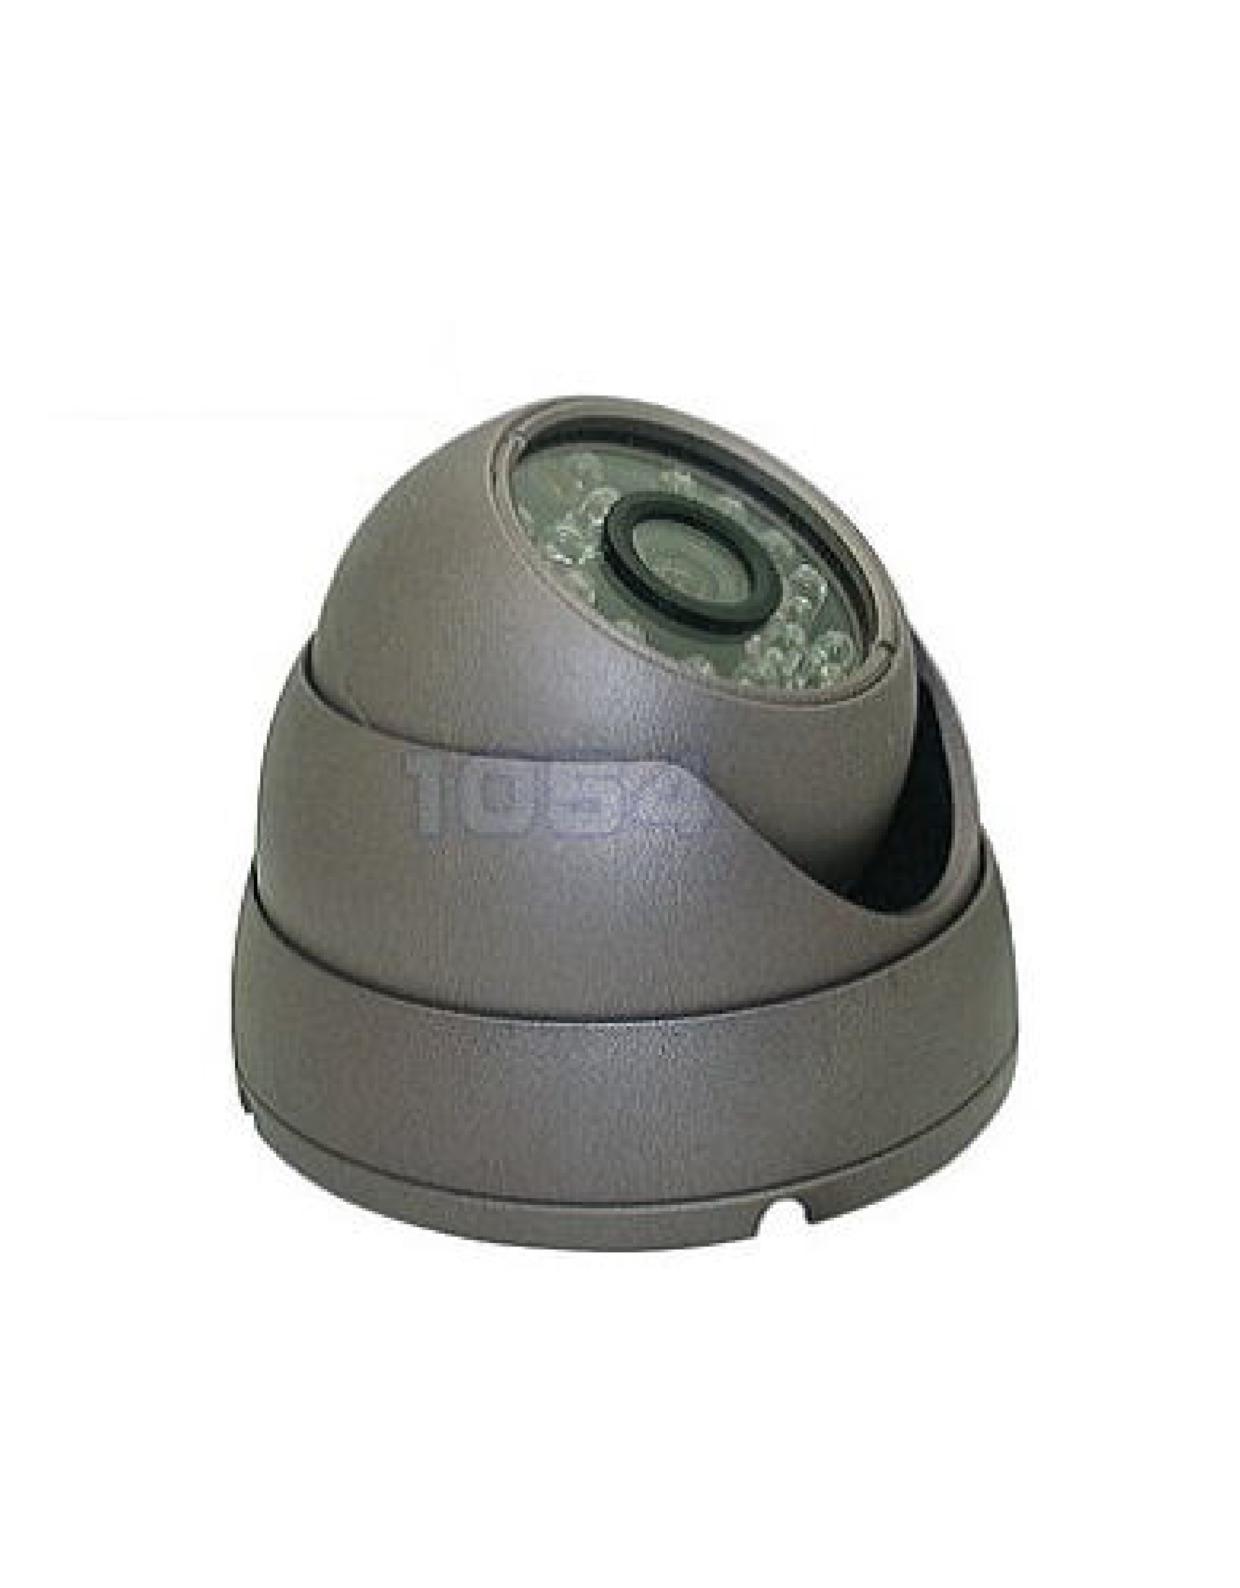 200万画素フルHD防破壊型赤外線ドームカメラ3.6mm